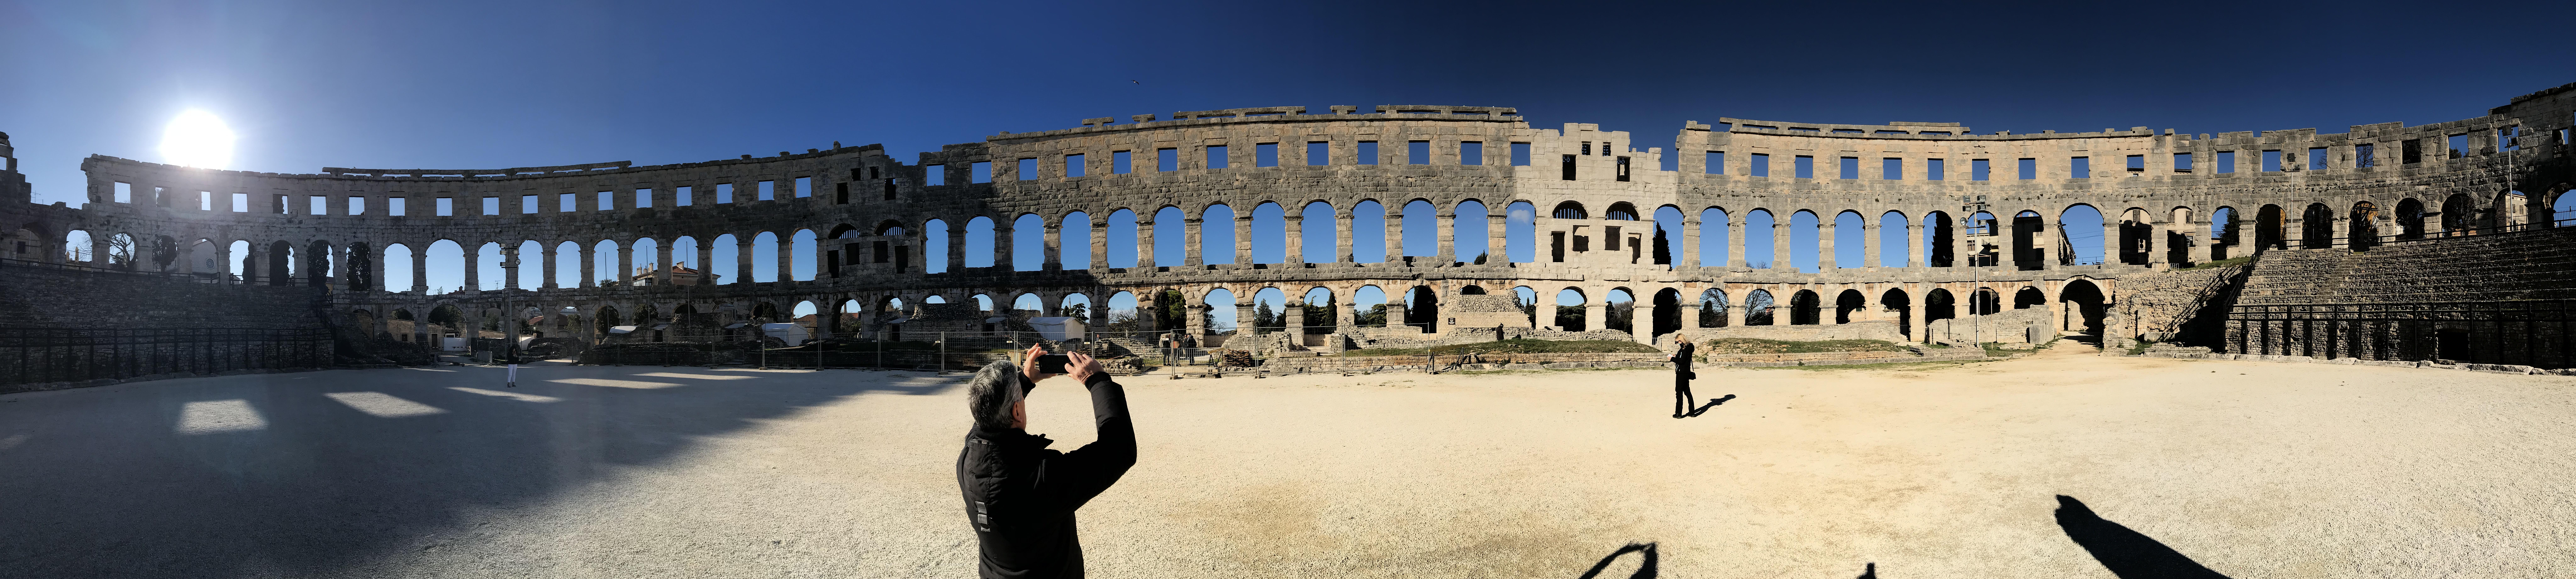 Panoramica dell'arena romana di Pola